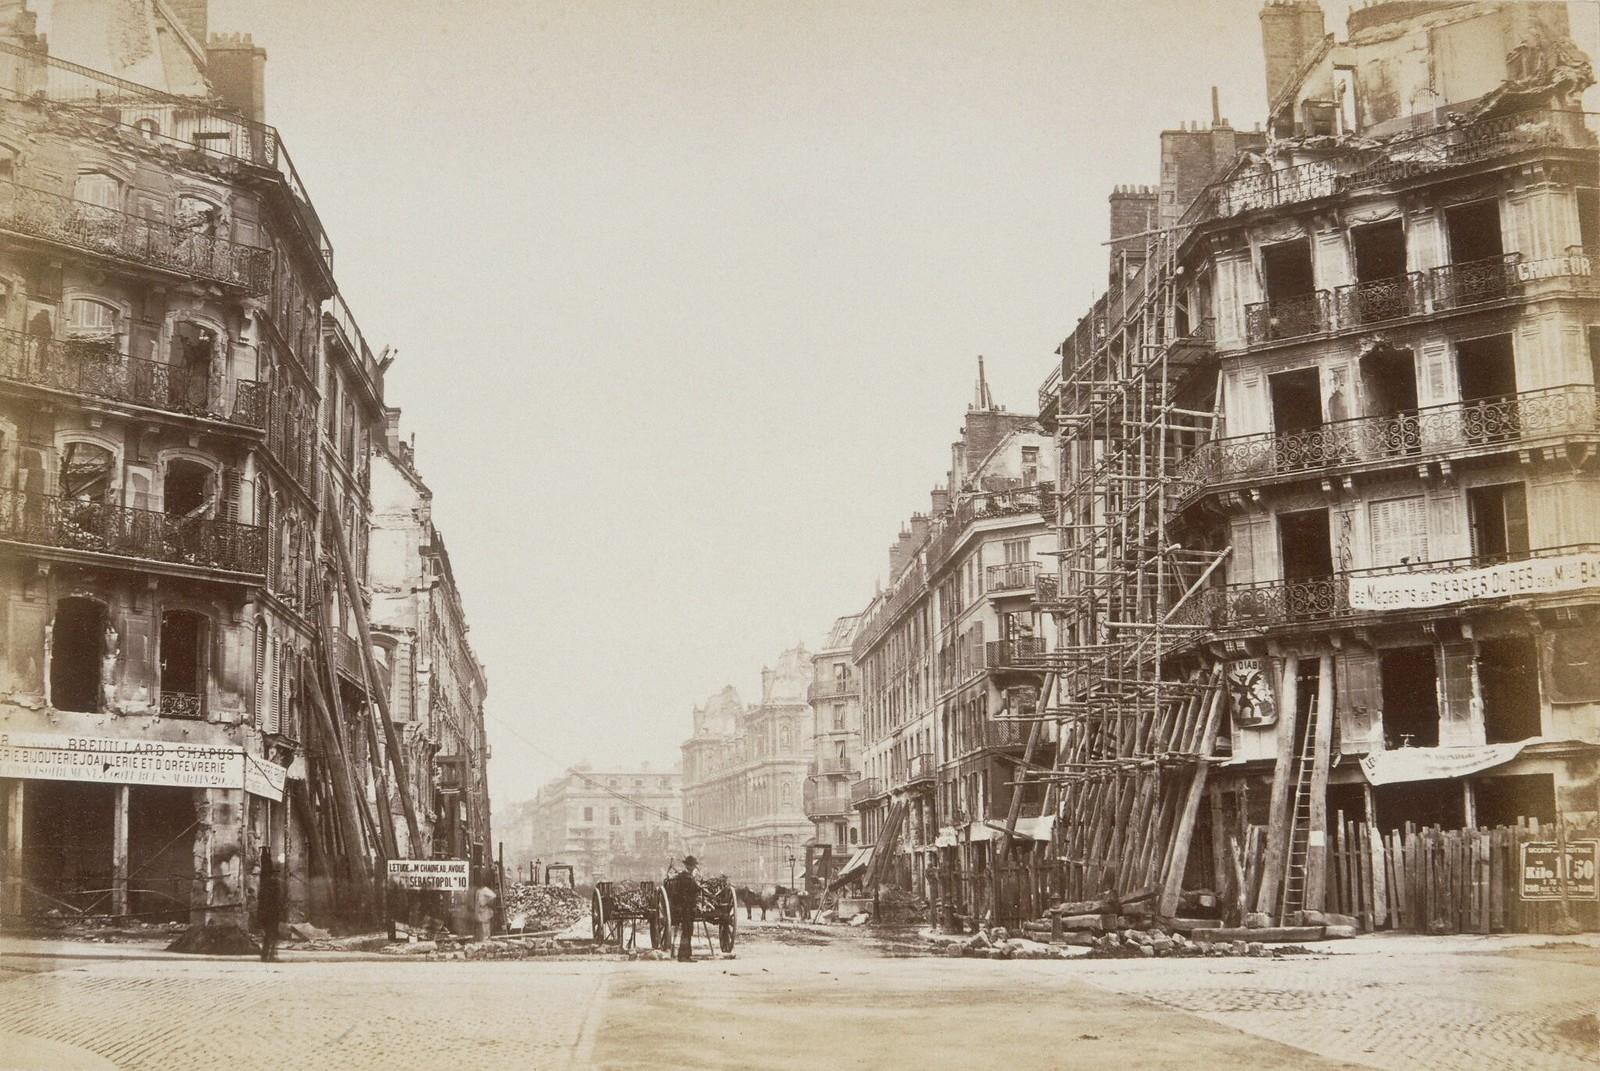 Здания на улице Риволи в Париже сильно пострадали во время восстания Коммуны